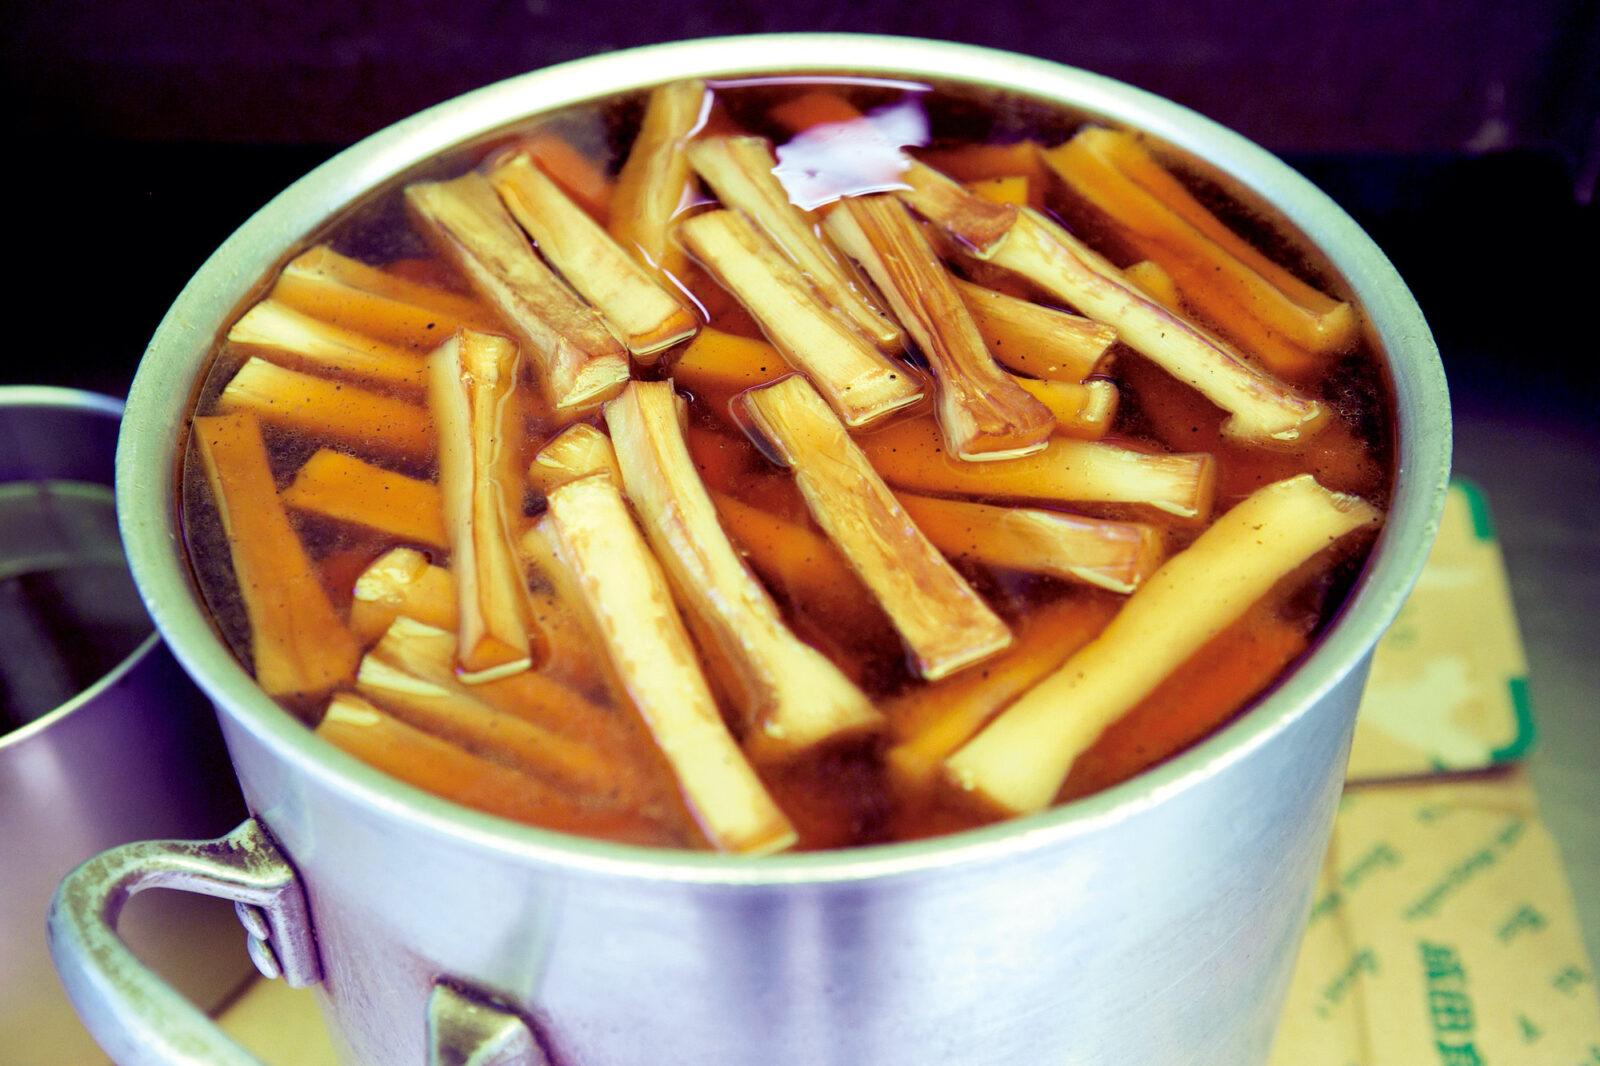 倉庫や冷蔵庫にも製造中のメンマ入り鍋がいくつも並ぶ。原料となる麻竹は、時期によって台湾産と中国産を使い分ける。